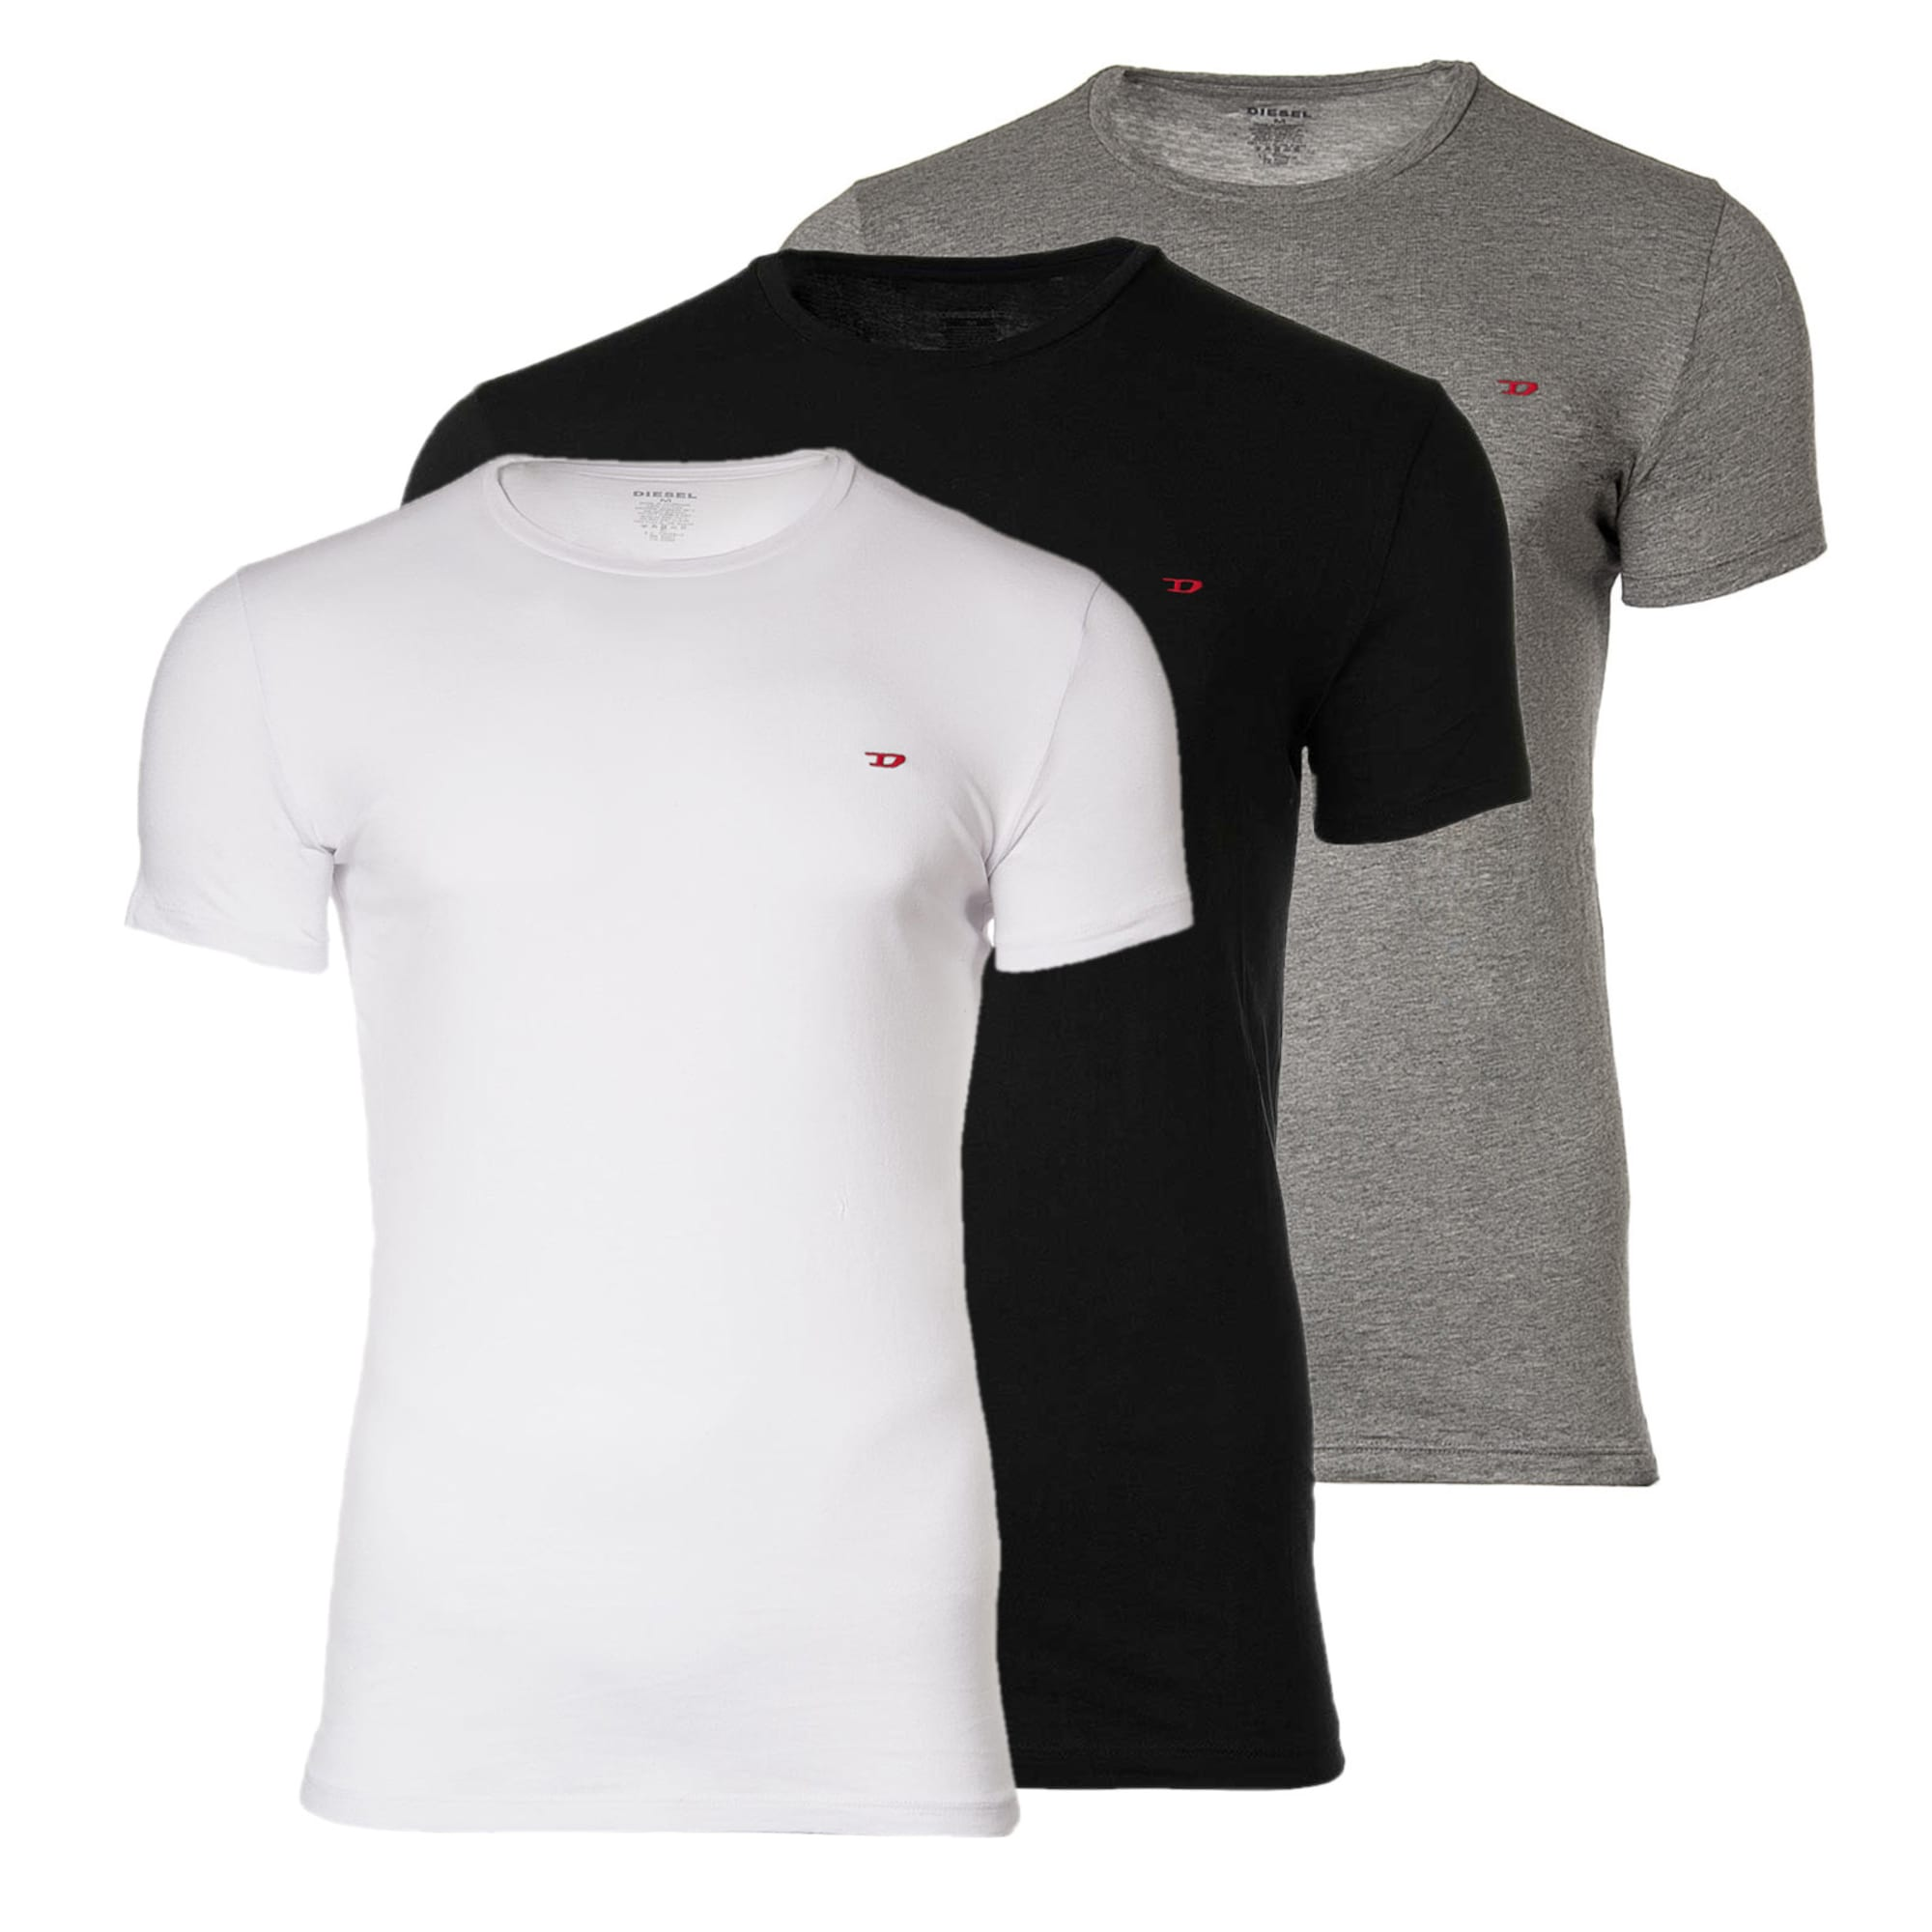 DIESEL Marškinėliai margai pilka / juoda / balta